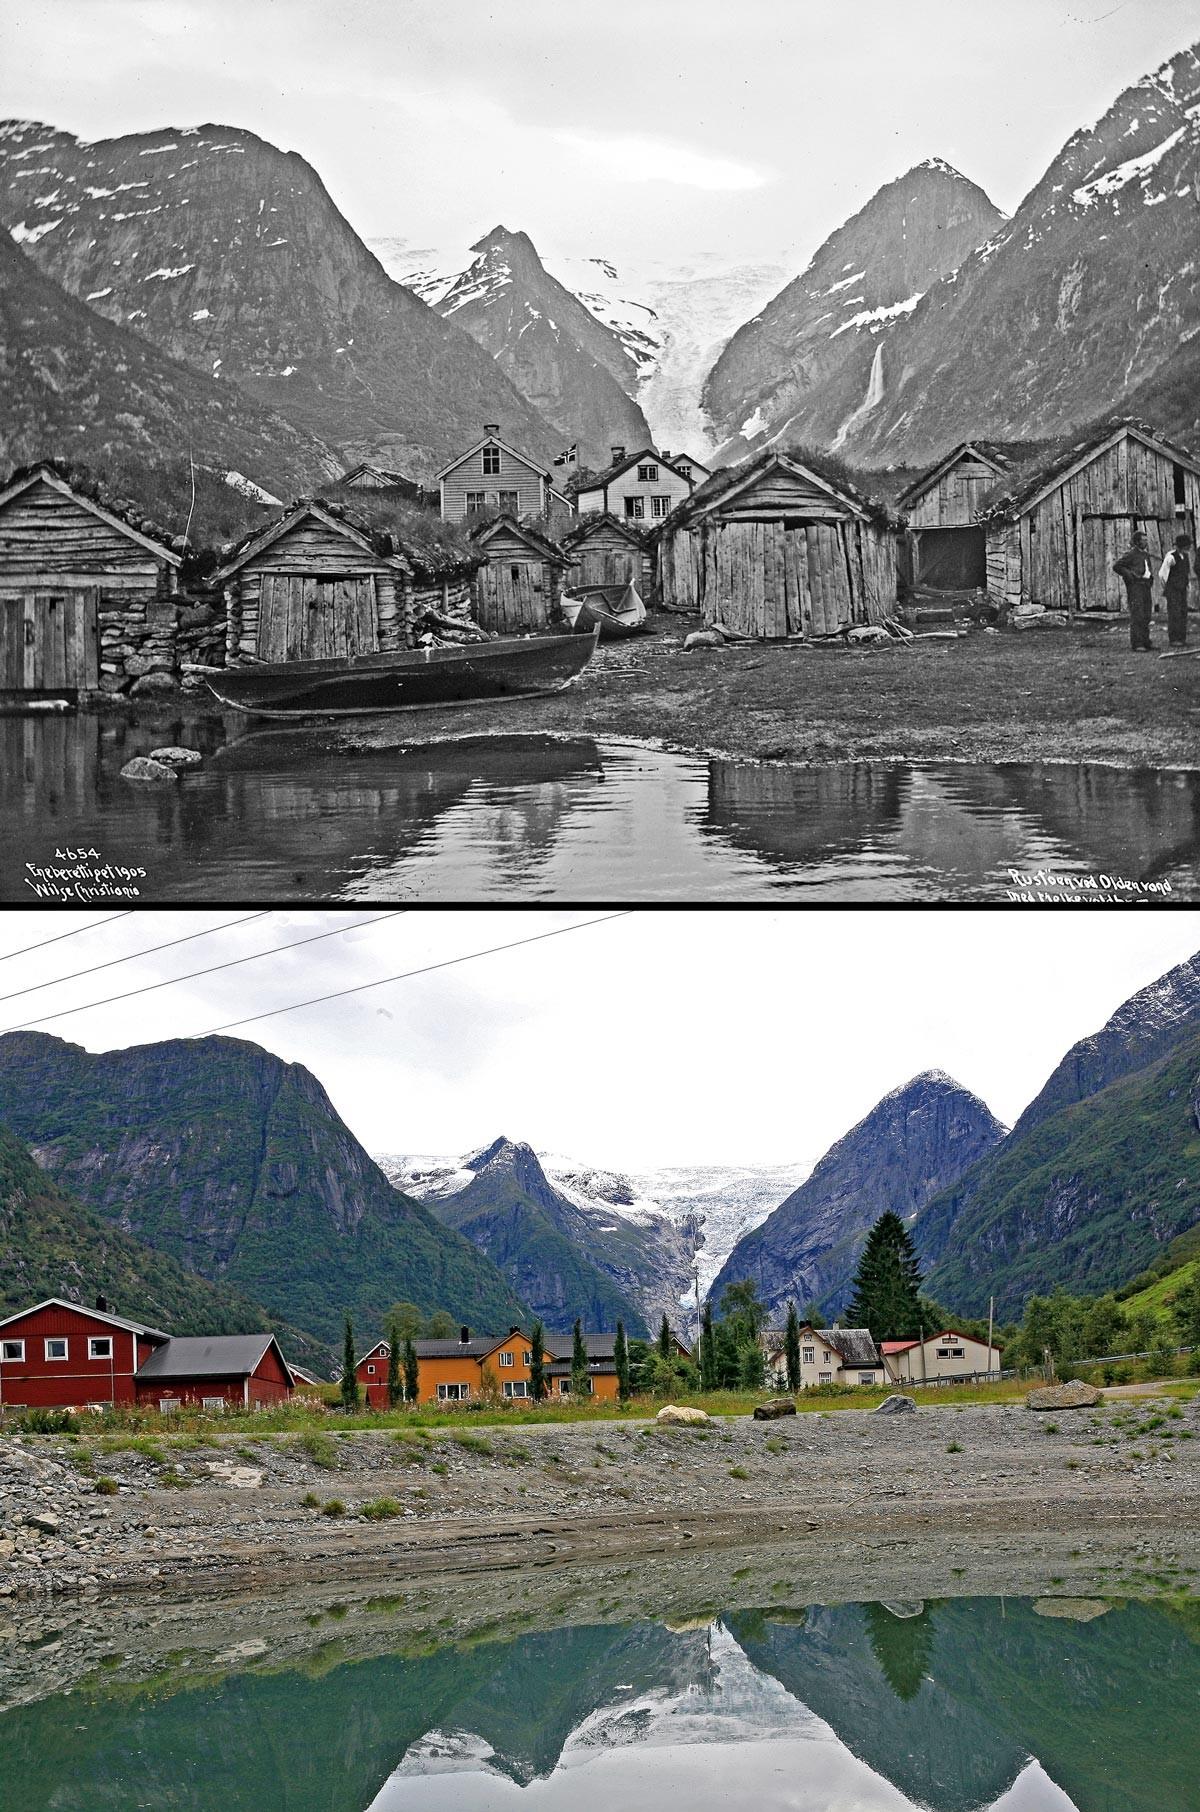 Noruega antes e após o petróleo: a transformação do país em imagens 08